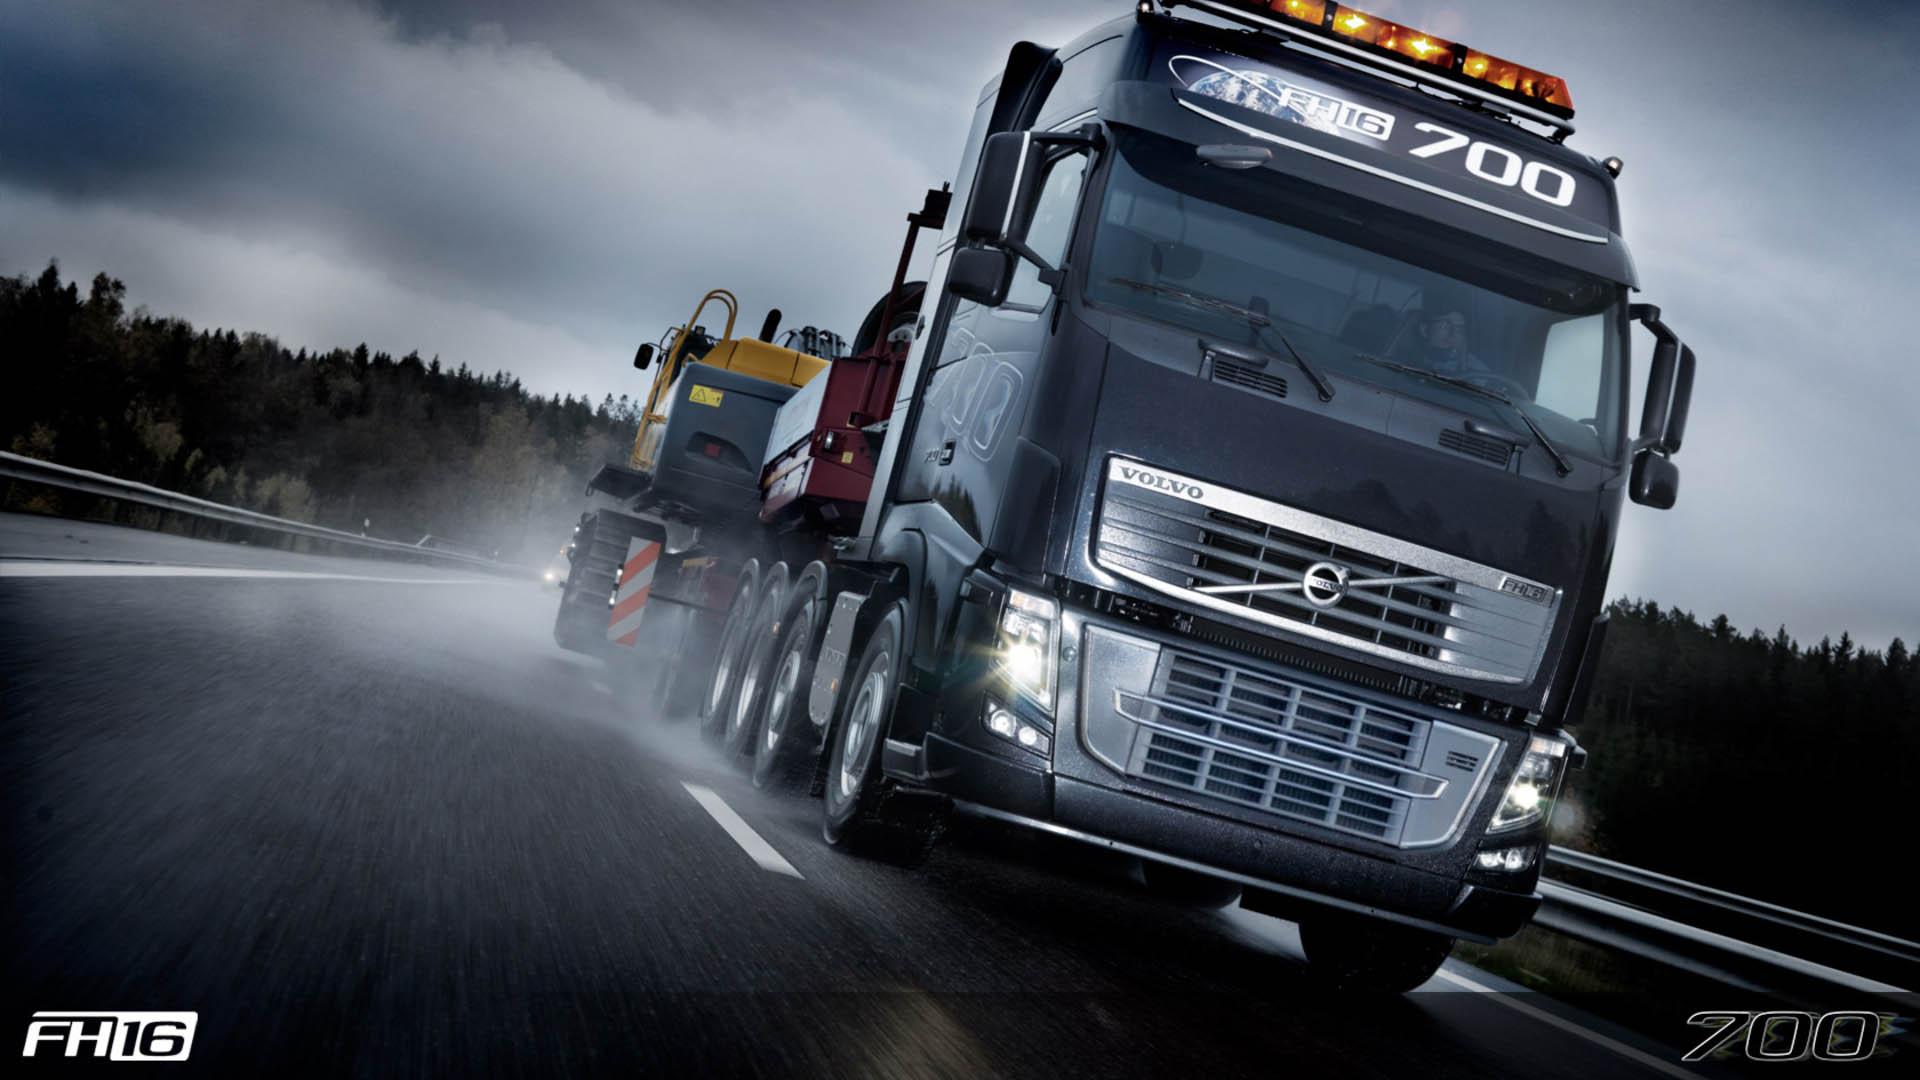 Volvo Truck Hd Wallpapers Trucks 1920x1080